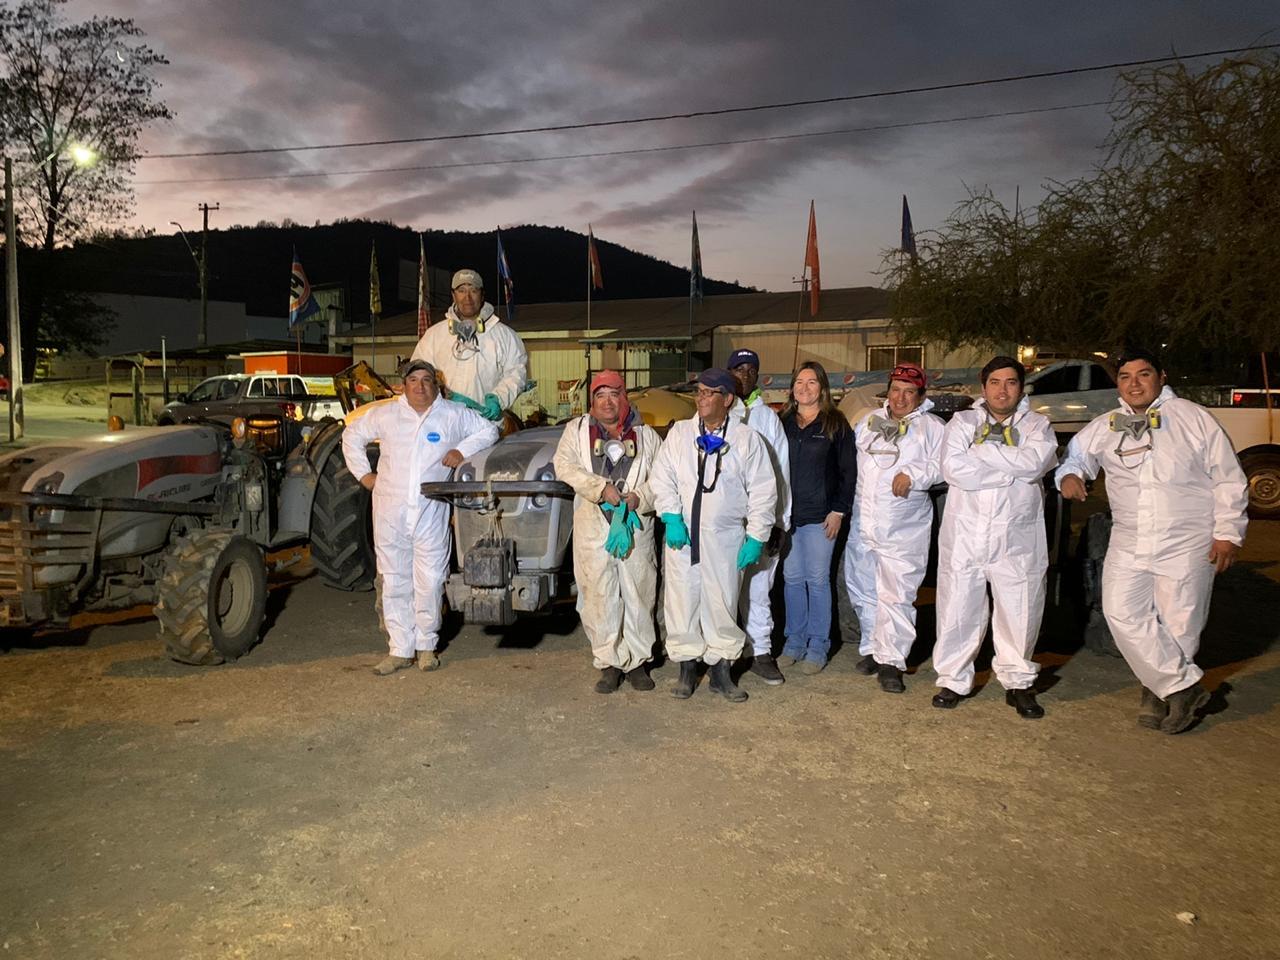 Municipio con apoyo de privados realiza Sanitización de calles y espacios públicos  de la Comuna